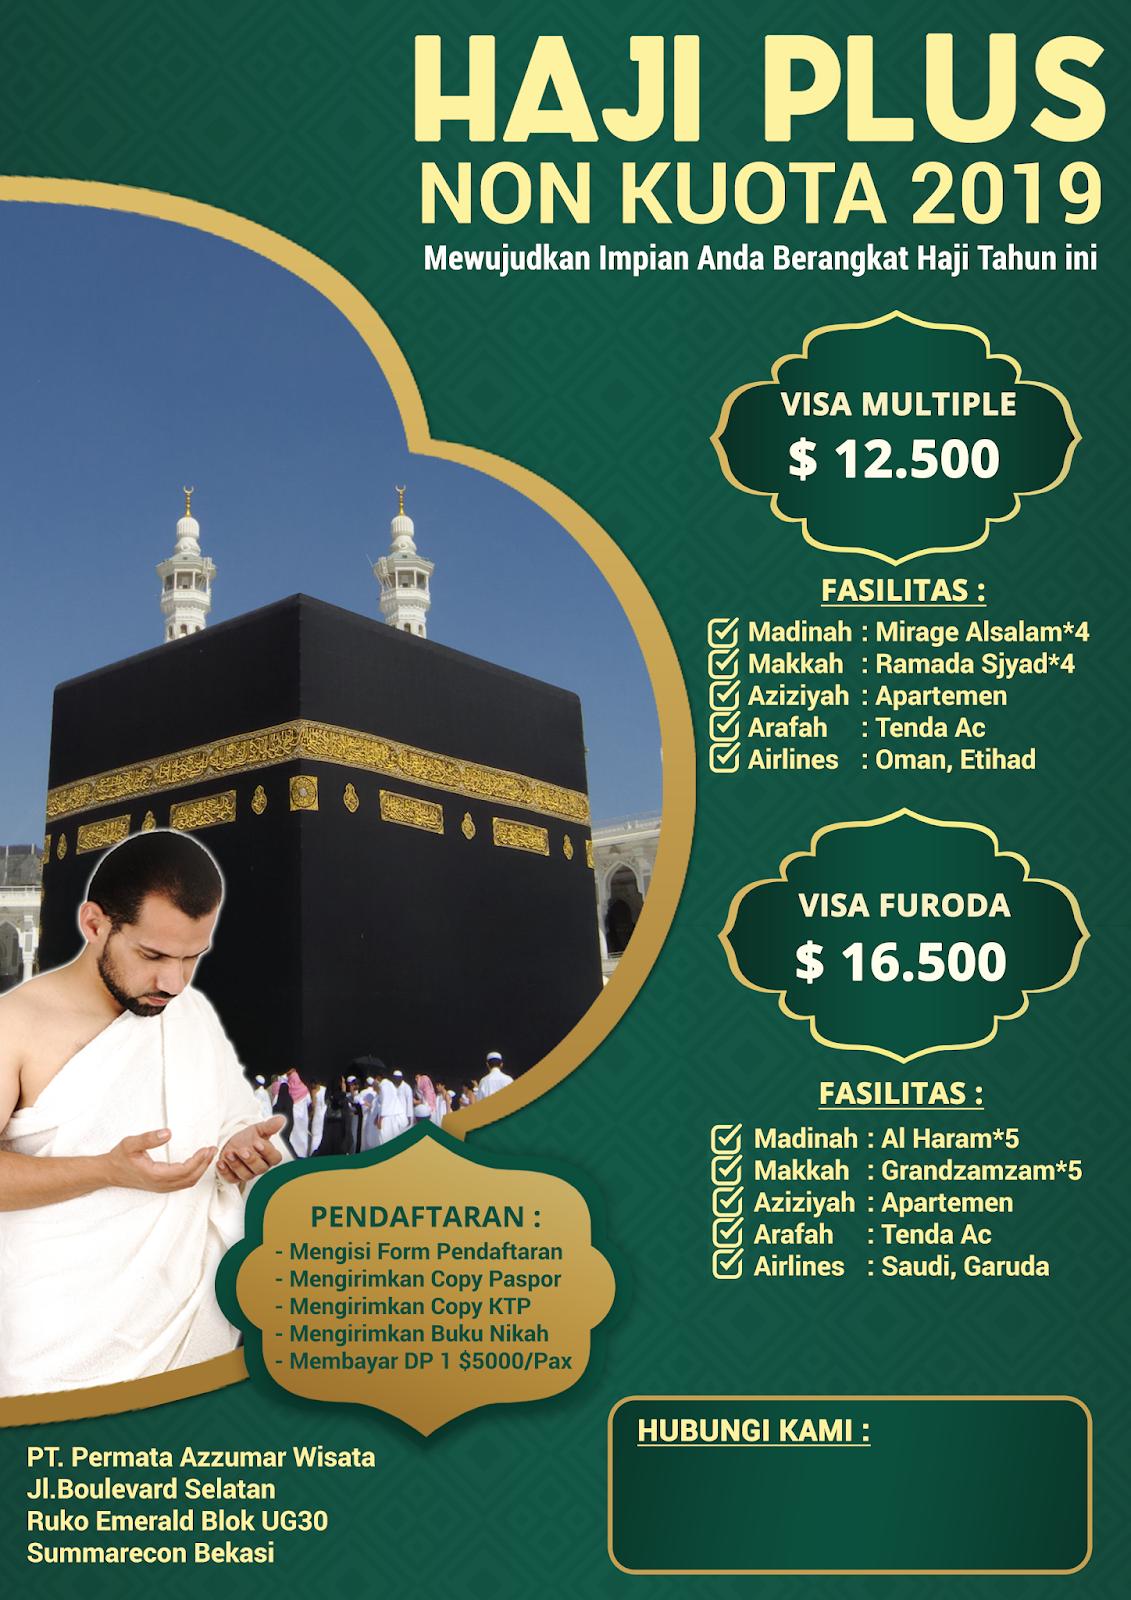 Paket Haji Plus Langsung Berangkat Tahun 2019 Biaya Murah